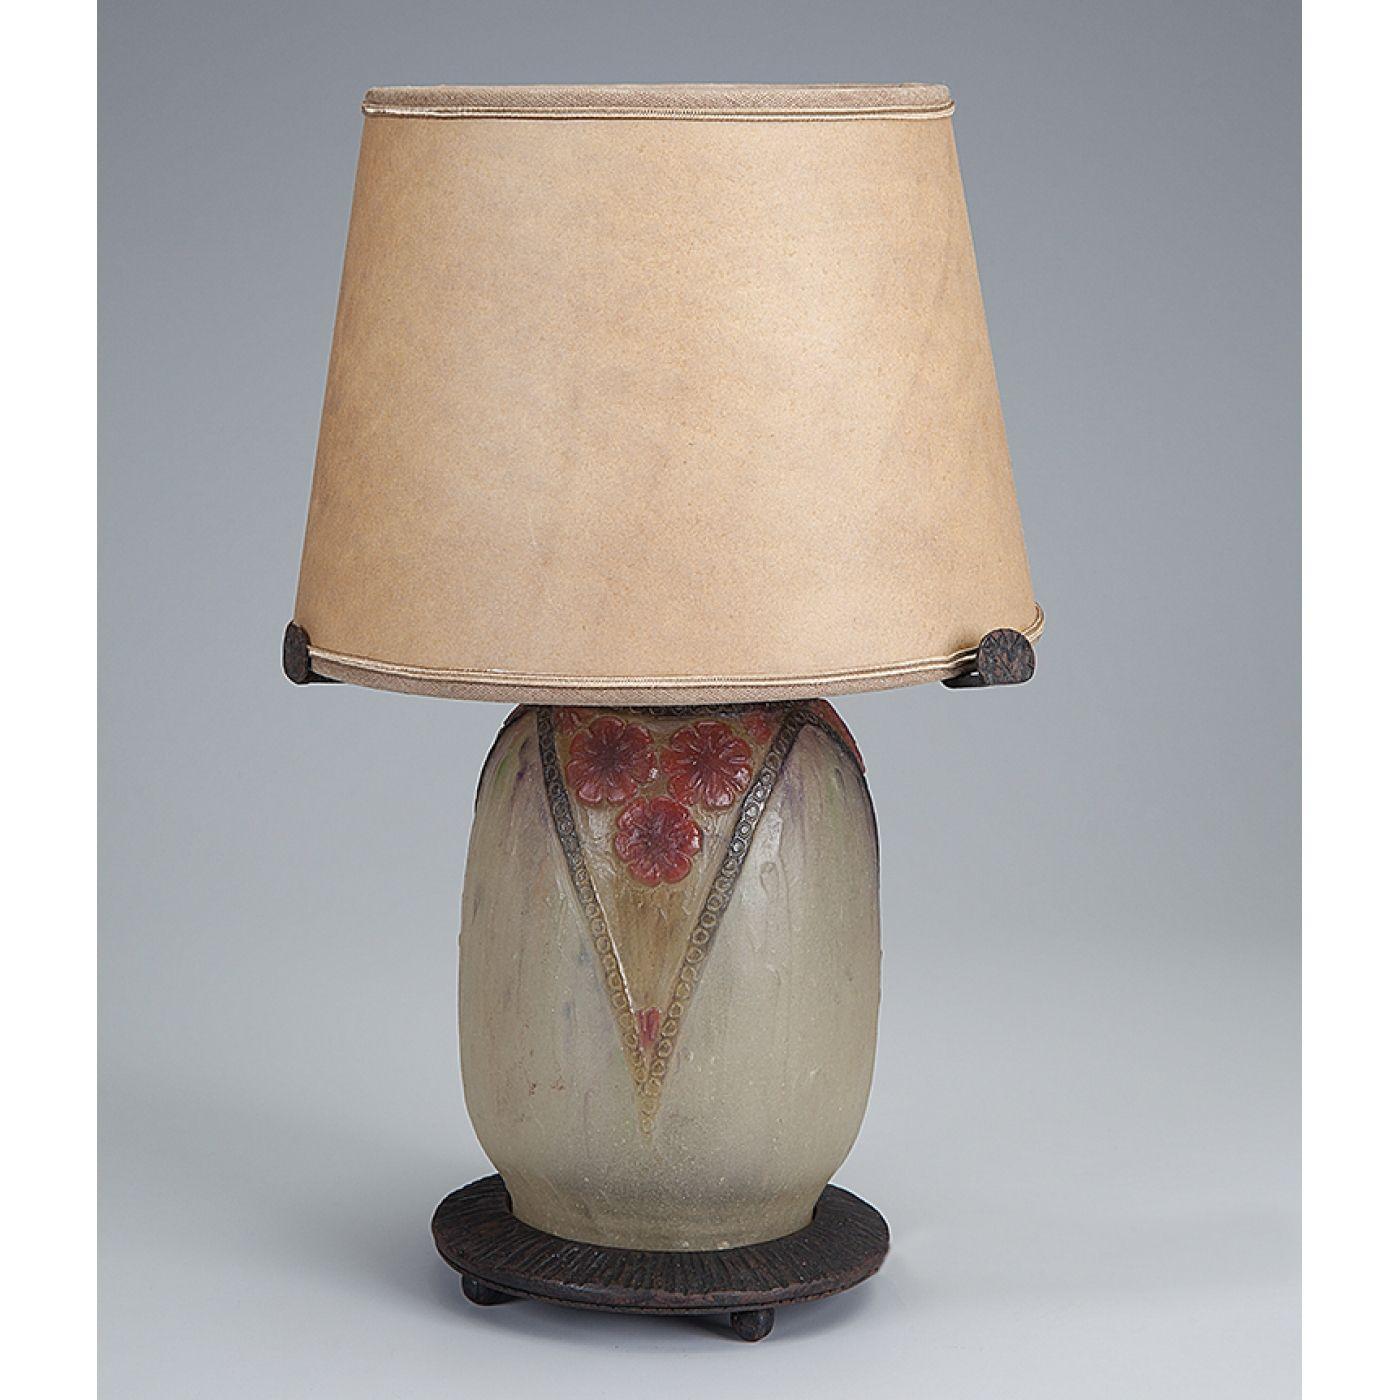 Abajur de mesa de pasta de vidro art deco, base e apoio da cúpula (adaptada) em fér-forgé. Assinado por Argy Rousseau. 33 cm de altura. França, séc. XX. Base R$5.000,00 set14.